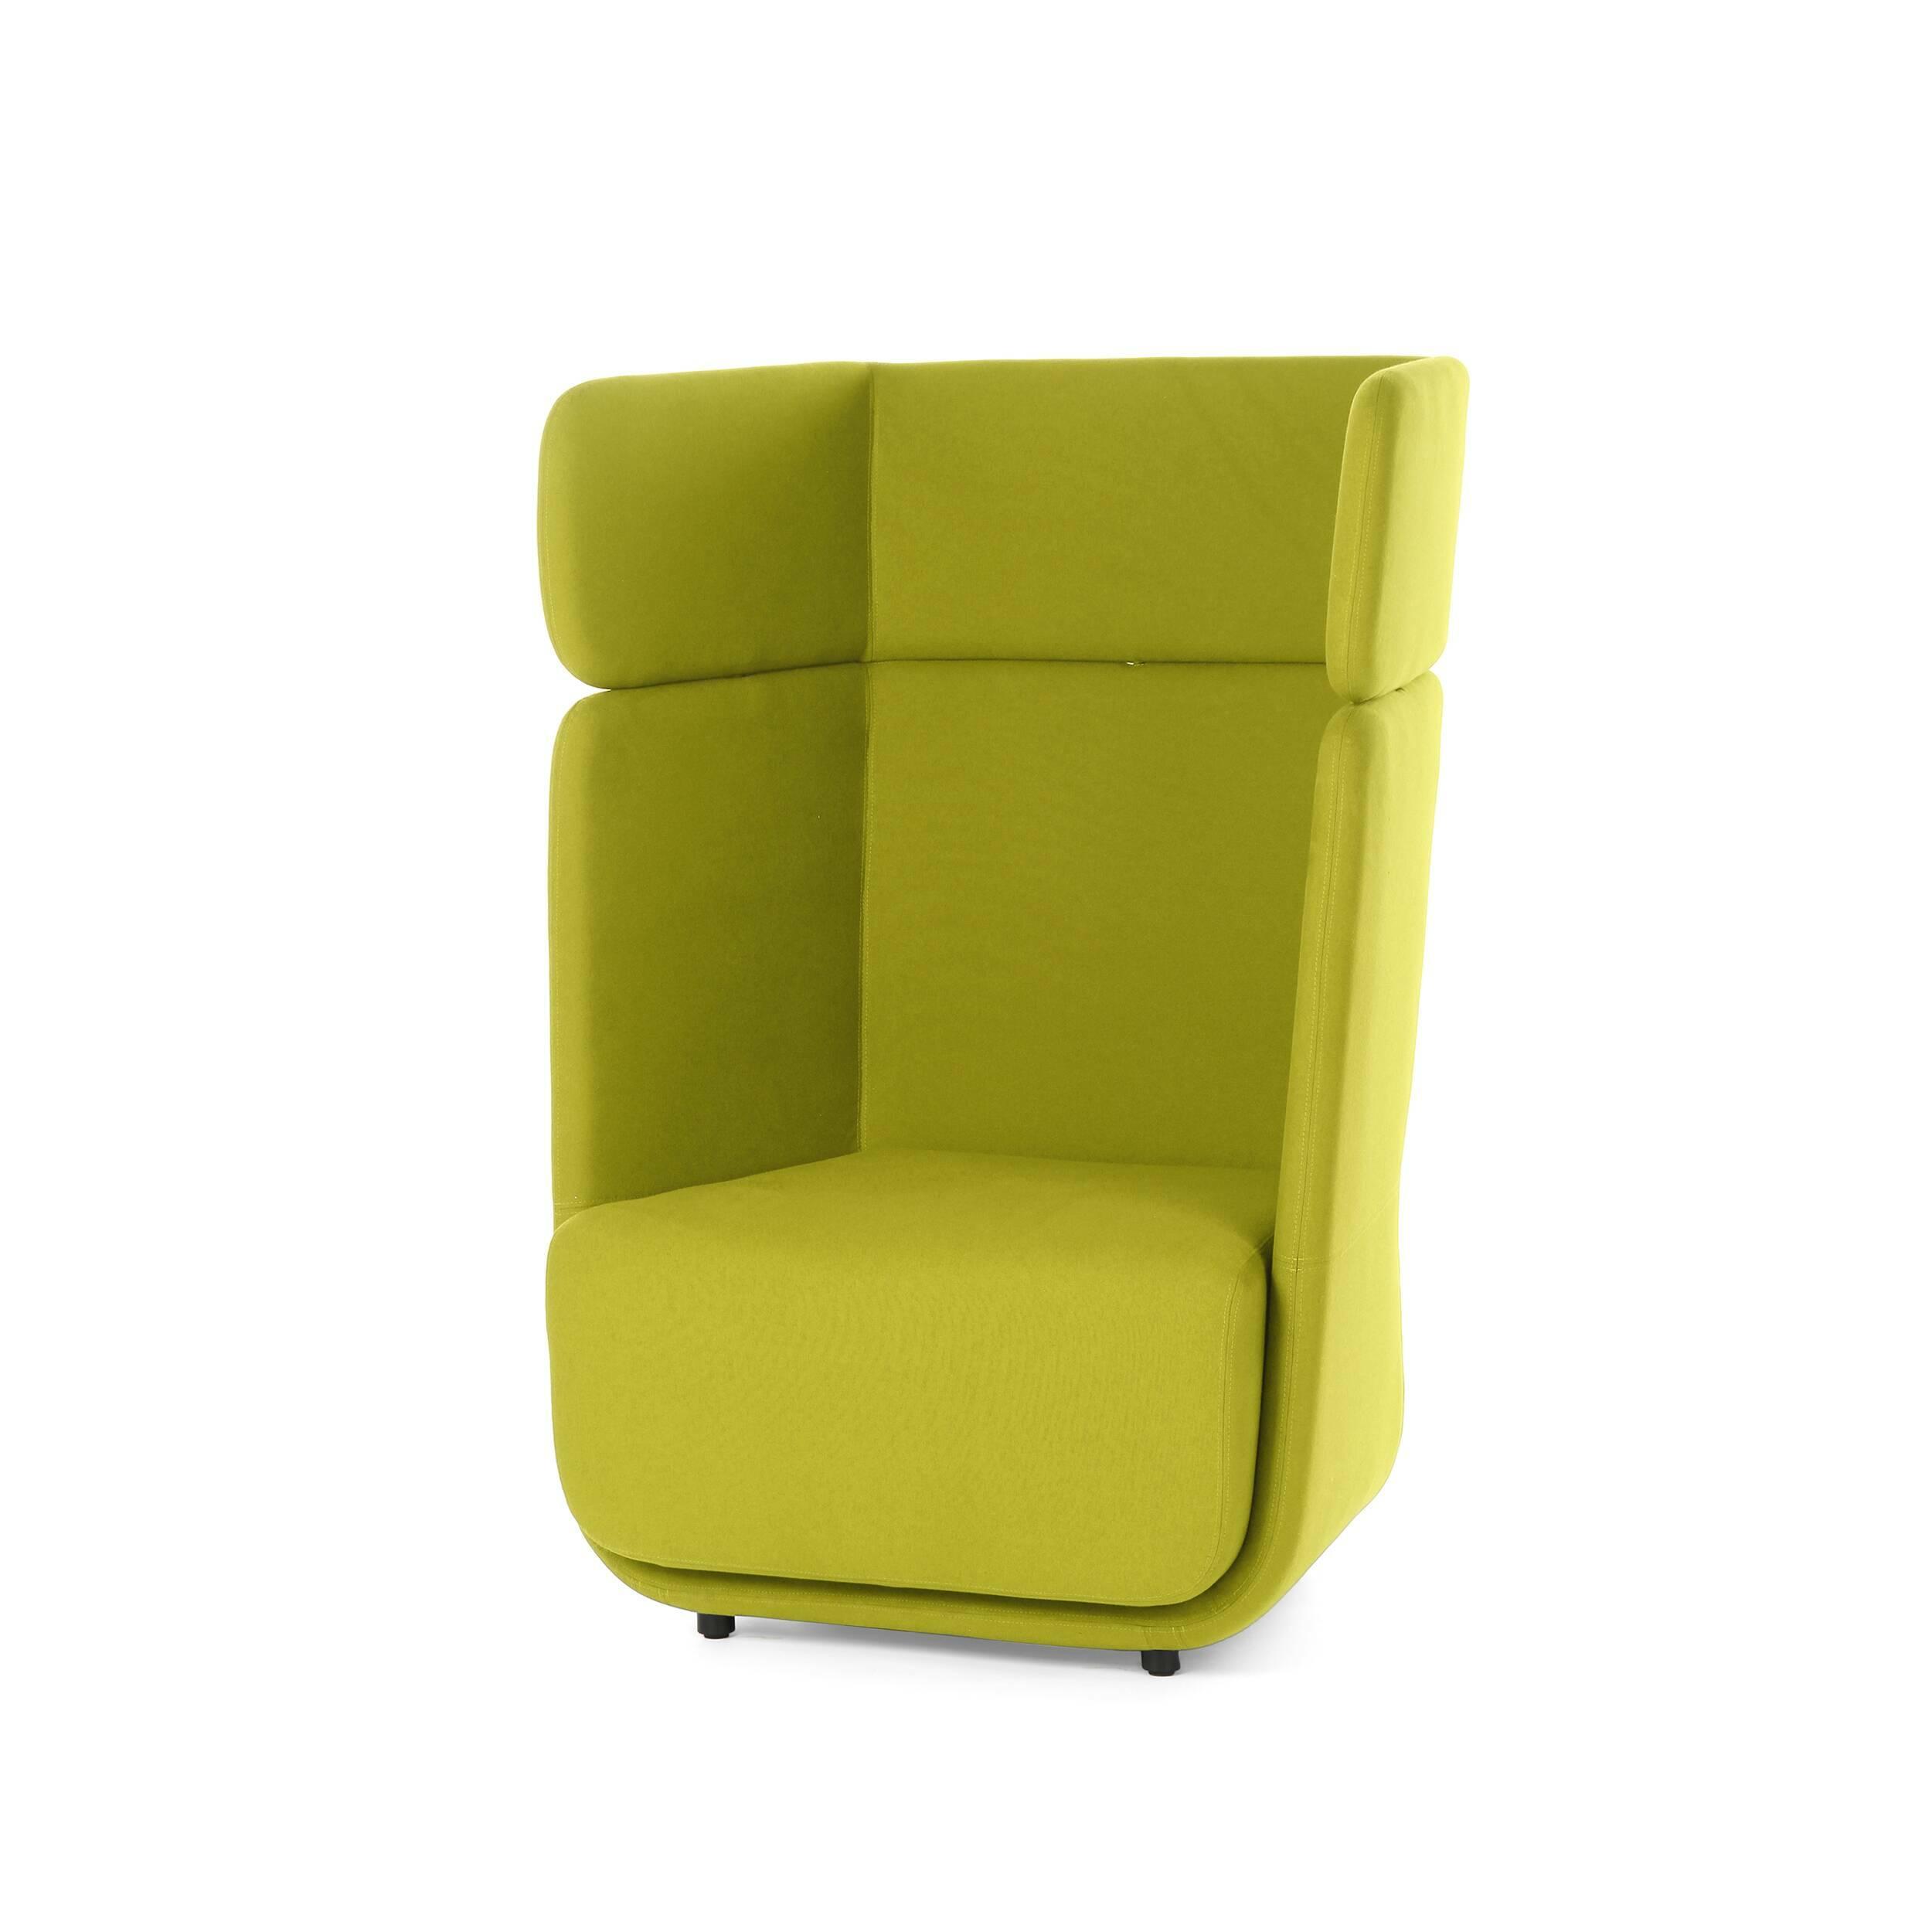 Кресло BasketИнтерьерные<br>Дизайнерское стильное яркое дизайнерское кресло Basket (Баскет) с высокой спинкой от Softline (Софтлайн).<br><br><br><br><br><br><br> Кресло Basket разработано как интегрированная модульная система, которая позволяет вам создавать свое пространство так, как нравится вам. Оно вдохновлено пляжными креслами-корзинами. Кресло спроектировал Маттиас Демакер, немецкий дизайнер, родившийся в 1970 году. Он одновременно обучался дизайну, работал в архитектурных студиях и сотрудничал с различными мастерскими. Особе...<br><br>stock: 0<br>Высота: 126<br>Высота сиденья: 42<br>Ширина: 95<br>Глубина: 74<br>Материал обивки: Шерсть, Полиамид<br>Тип материала каркаса: Сталь нержавеющя<br>Коллекция ткани: Felt<br>Тип материала обивки: Ткань<br>Цвет обивки: Желтый